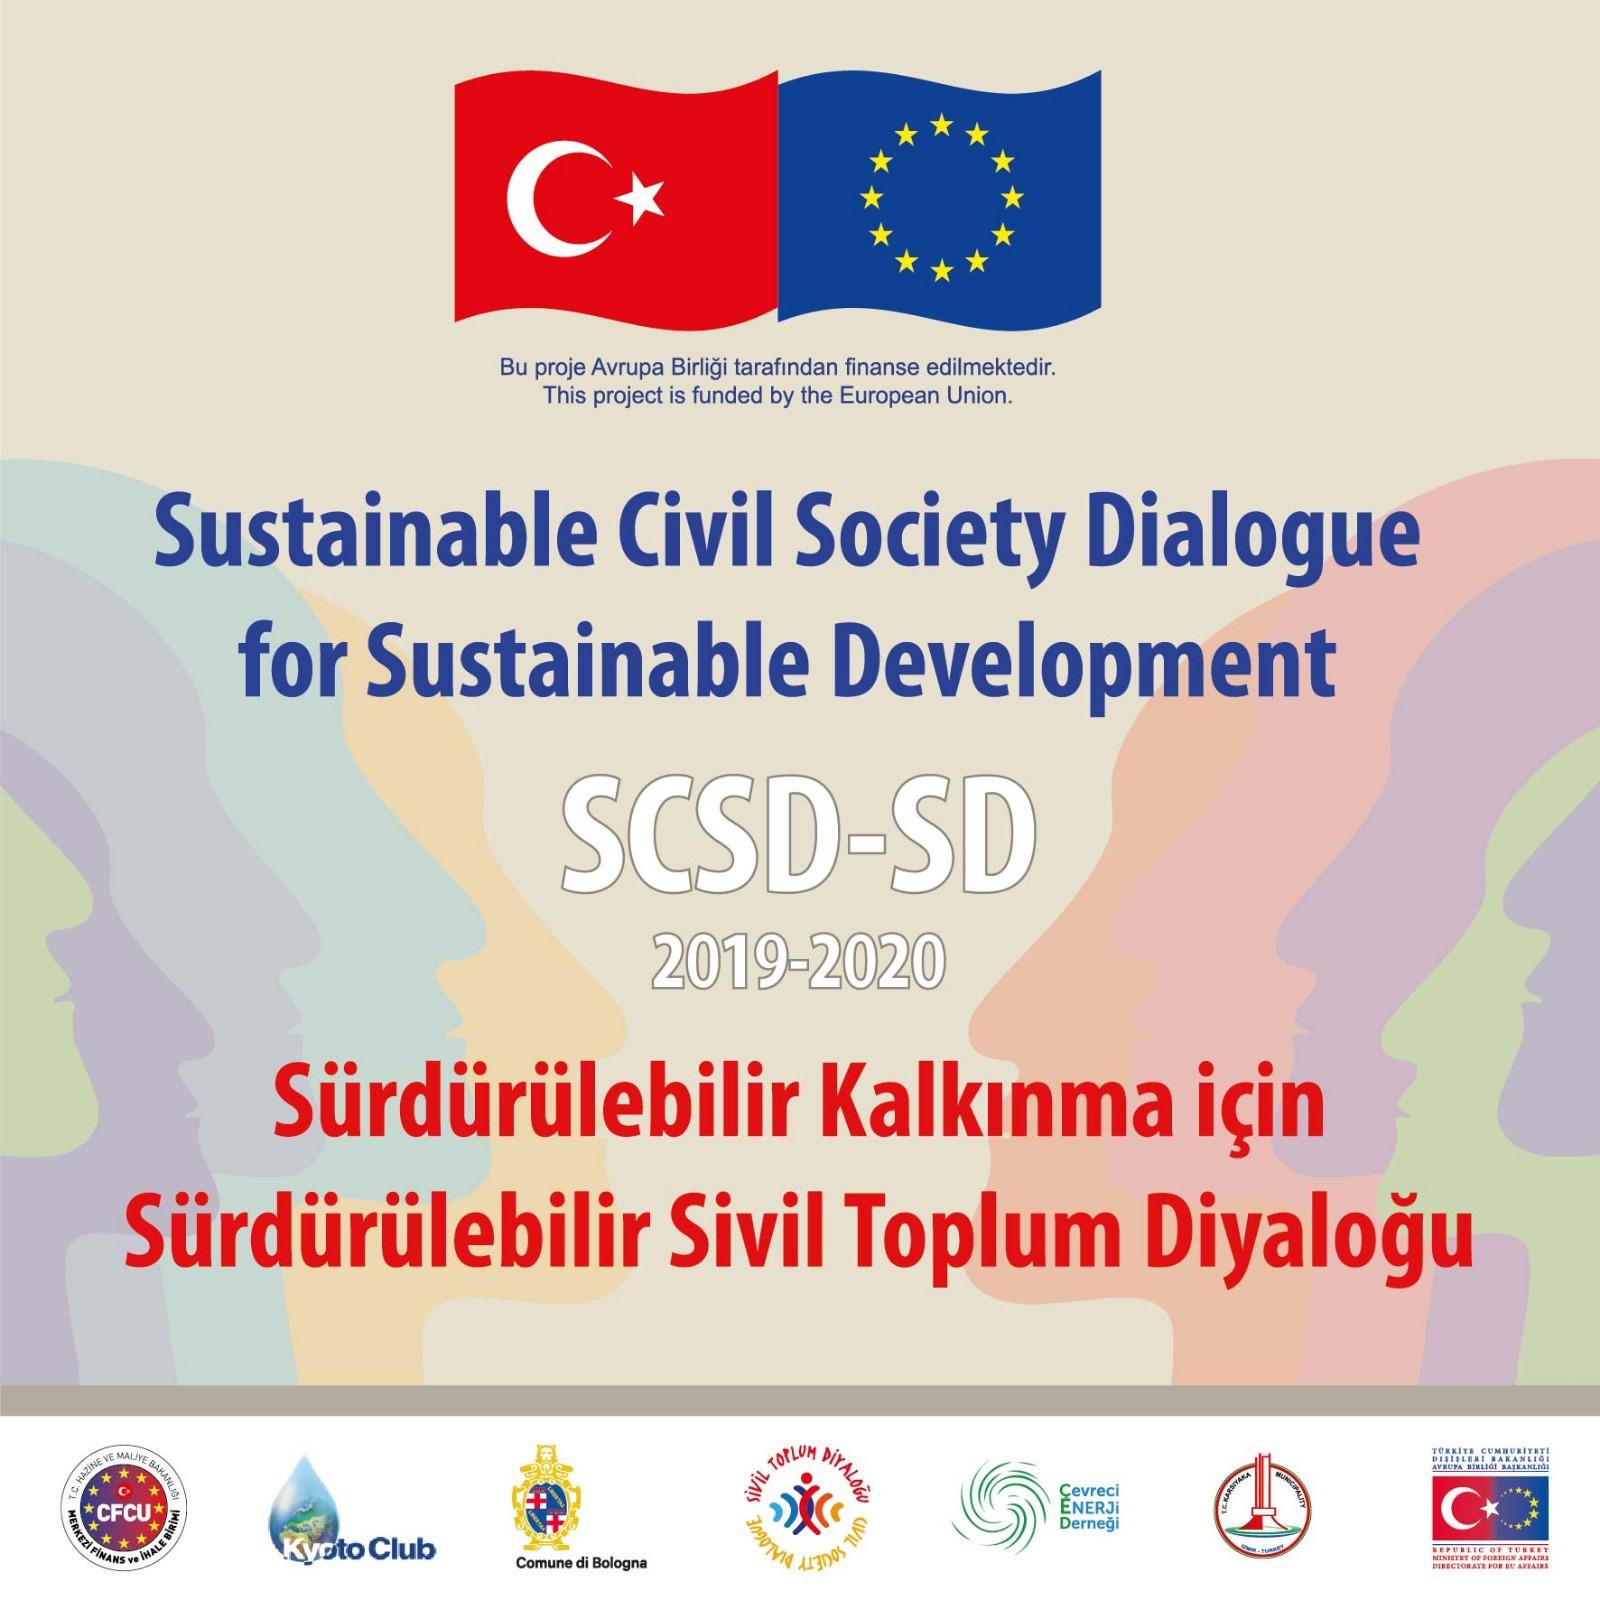 Sürdürülebilir Kalkınma için Sürdürülebilir Sivil Toplum Diyaloğu Projesi Anketine Katılmak İster misiniz?